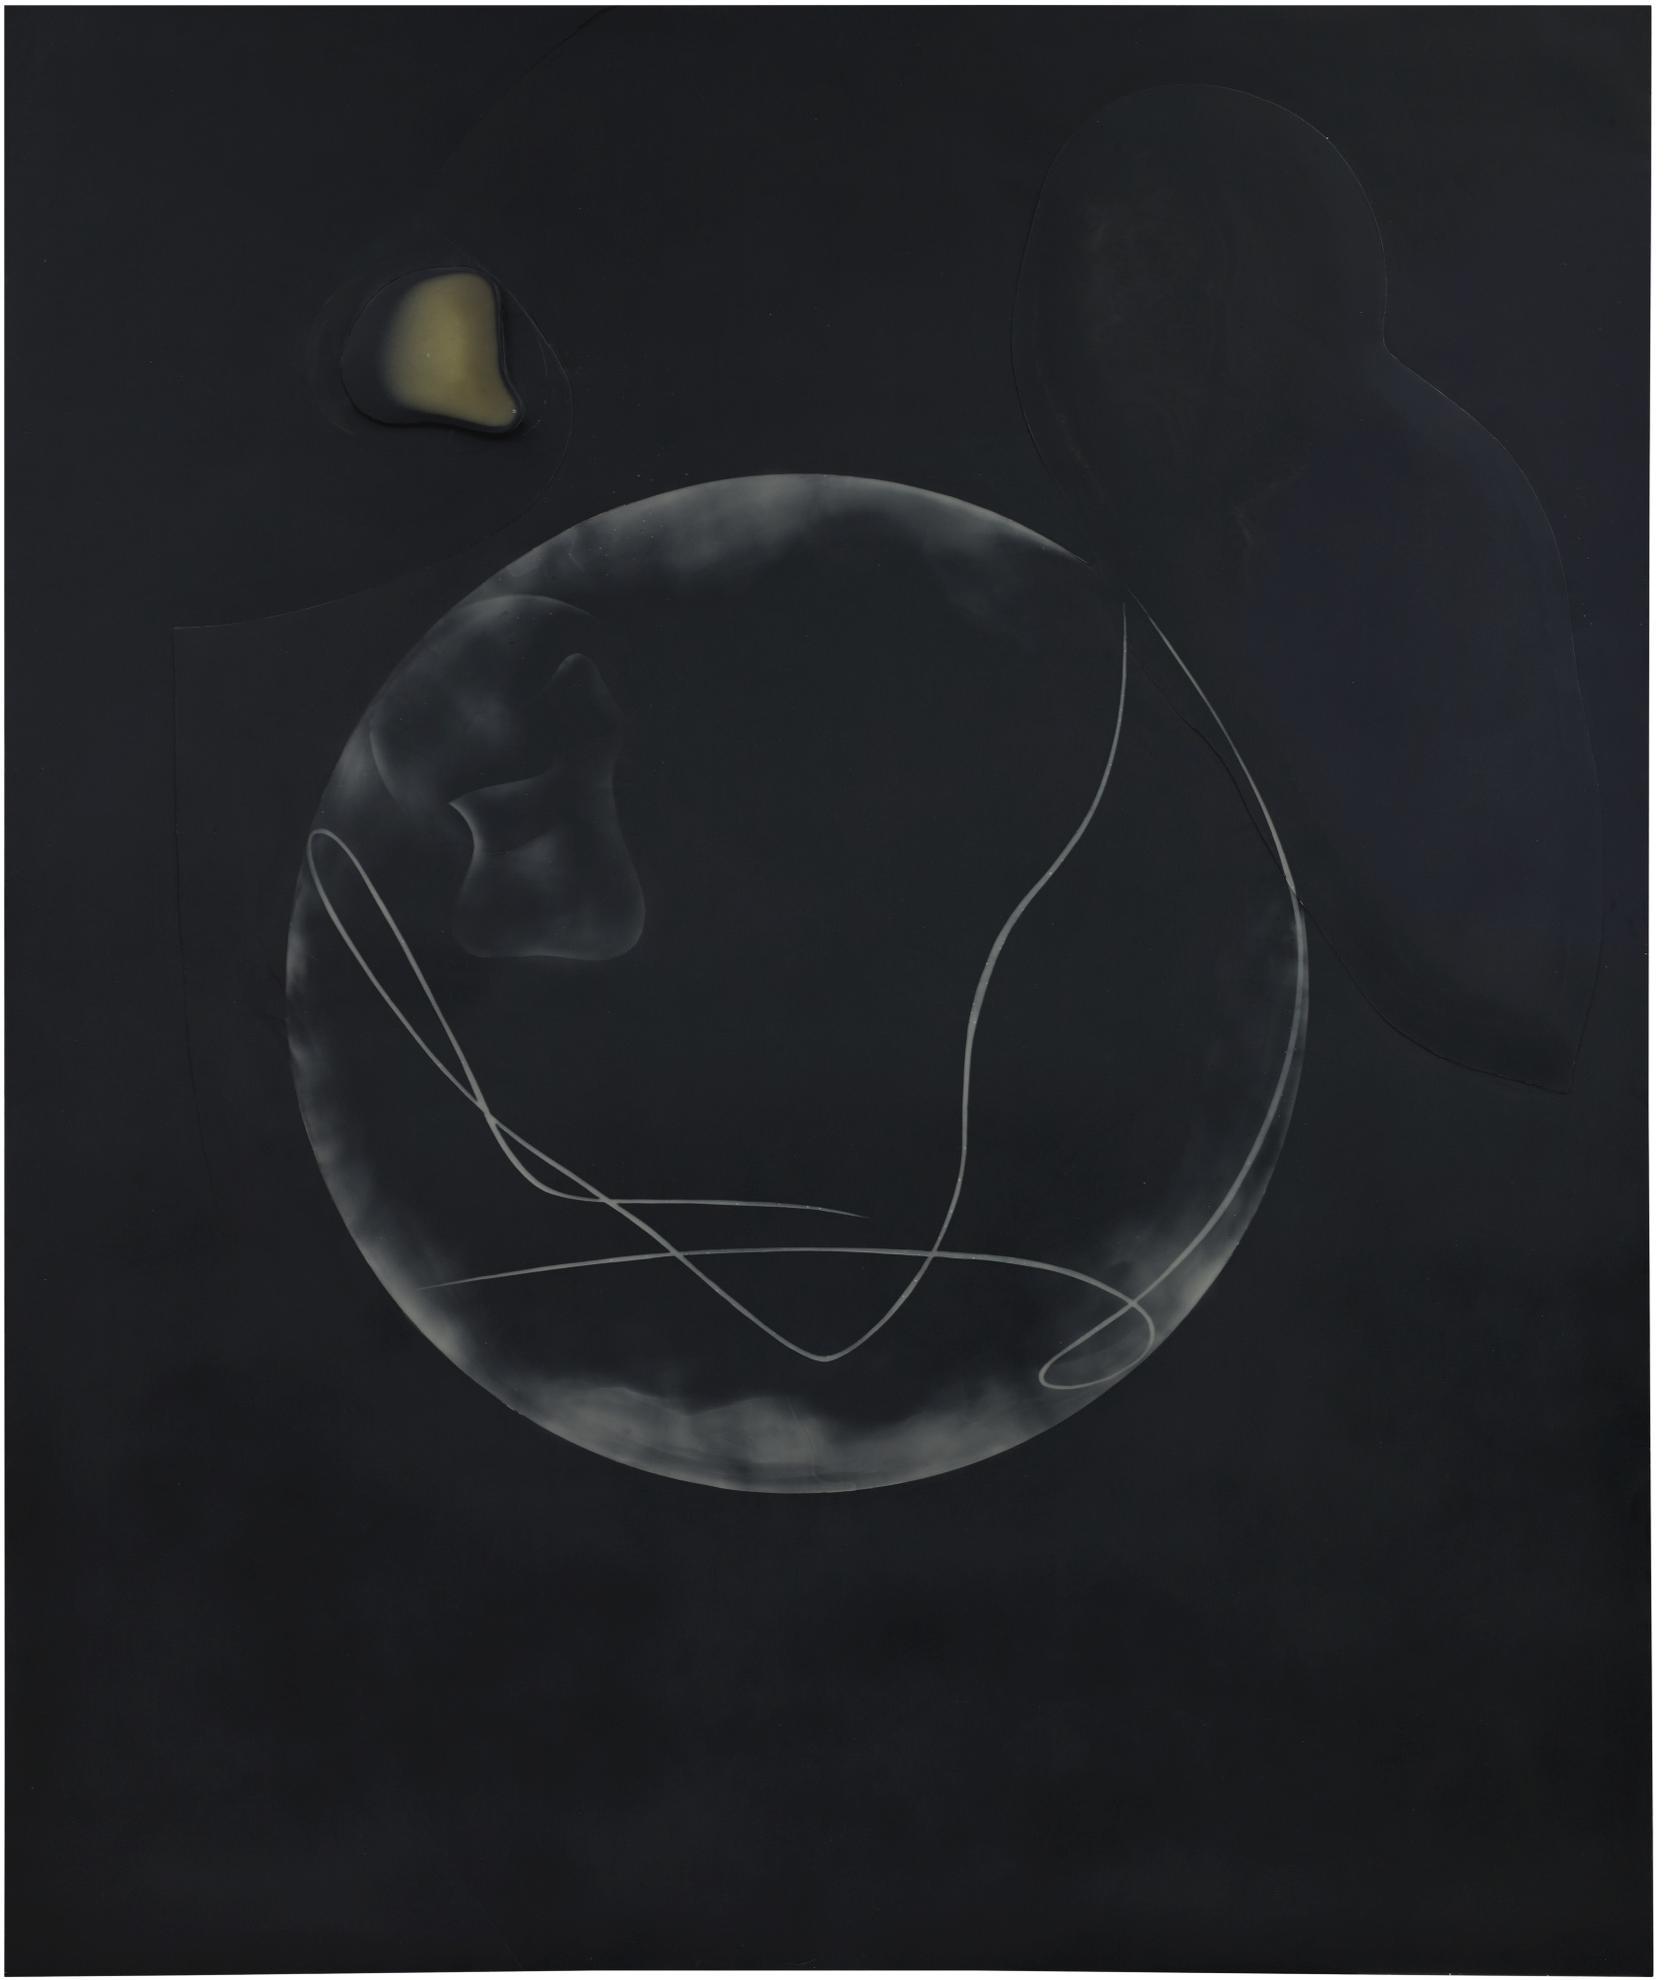 Domenico Bianchi-Untitled-1989